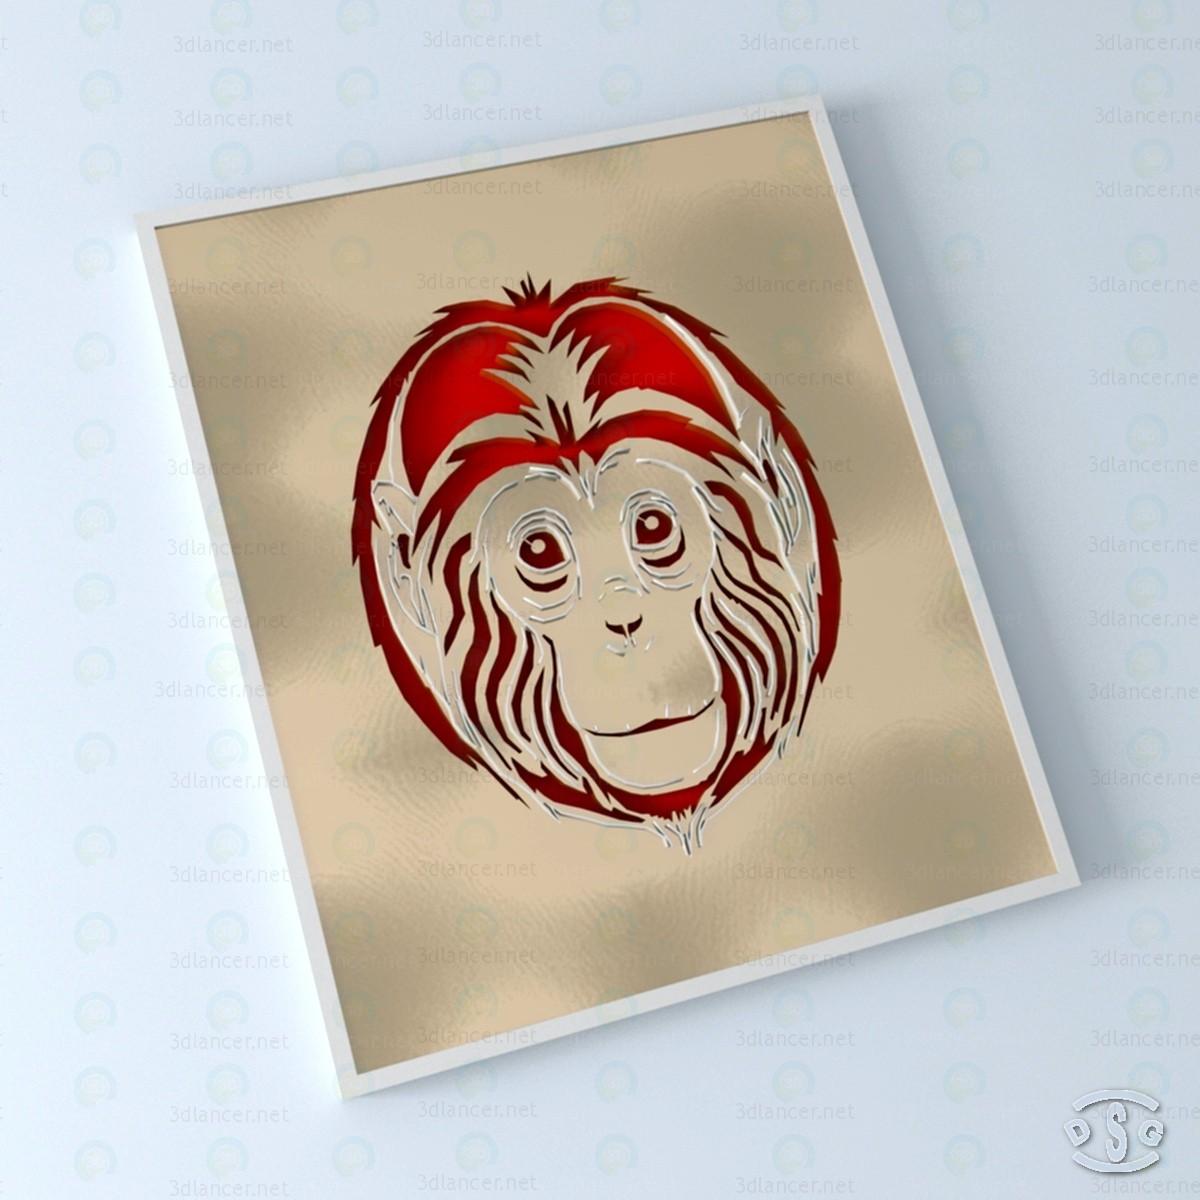 3d Мавпа 3D модель купити - зображення